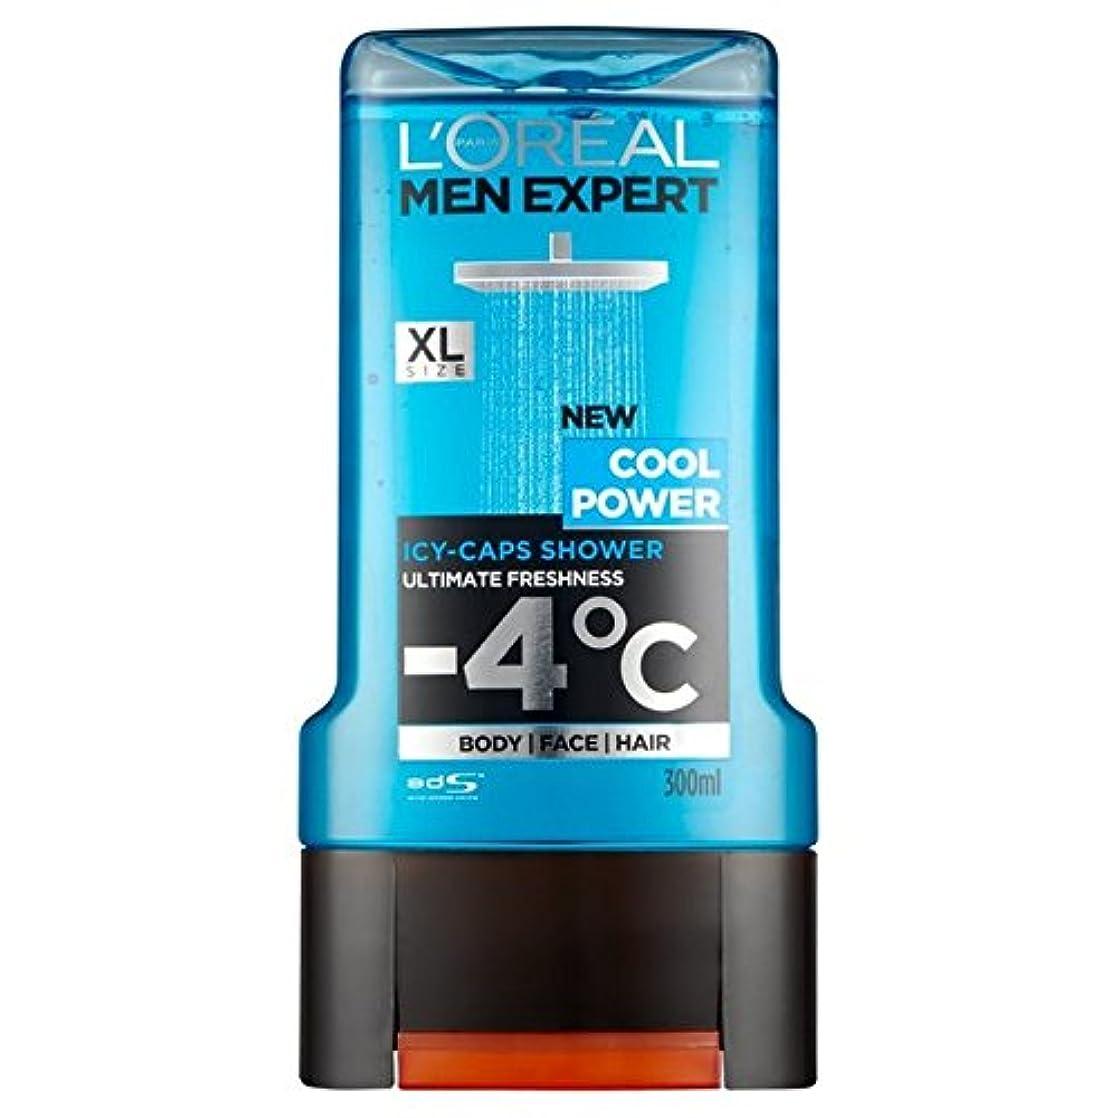 隔離する使役前置詞L'Oreal Paris Men Expert Cool Power Shower Gel 300ml (Pack of 6) - ロレアルパリの男性の専門家のクールなパワーシャワージェル300ミリリットル x6 [並行輸入品]